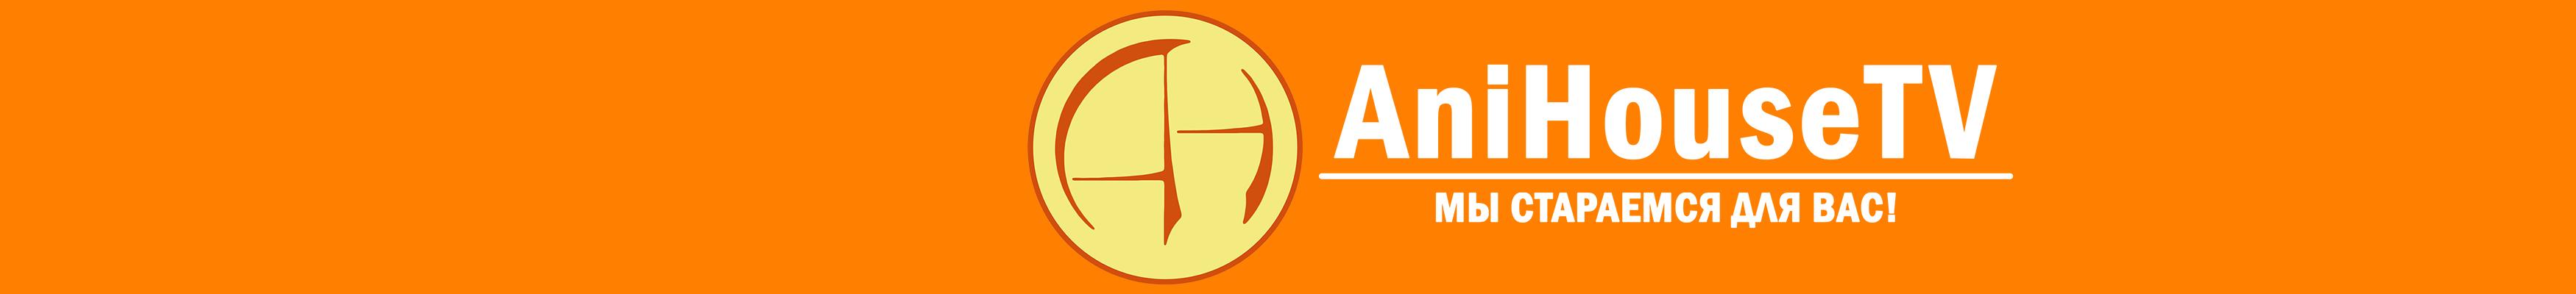 creator cover AniHouseTV